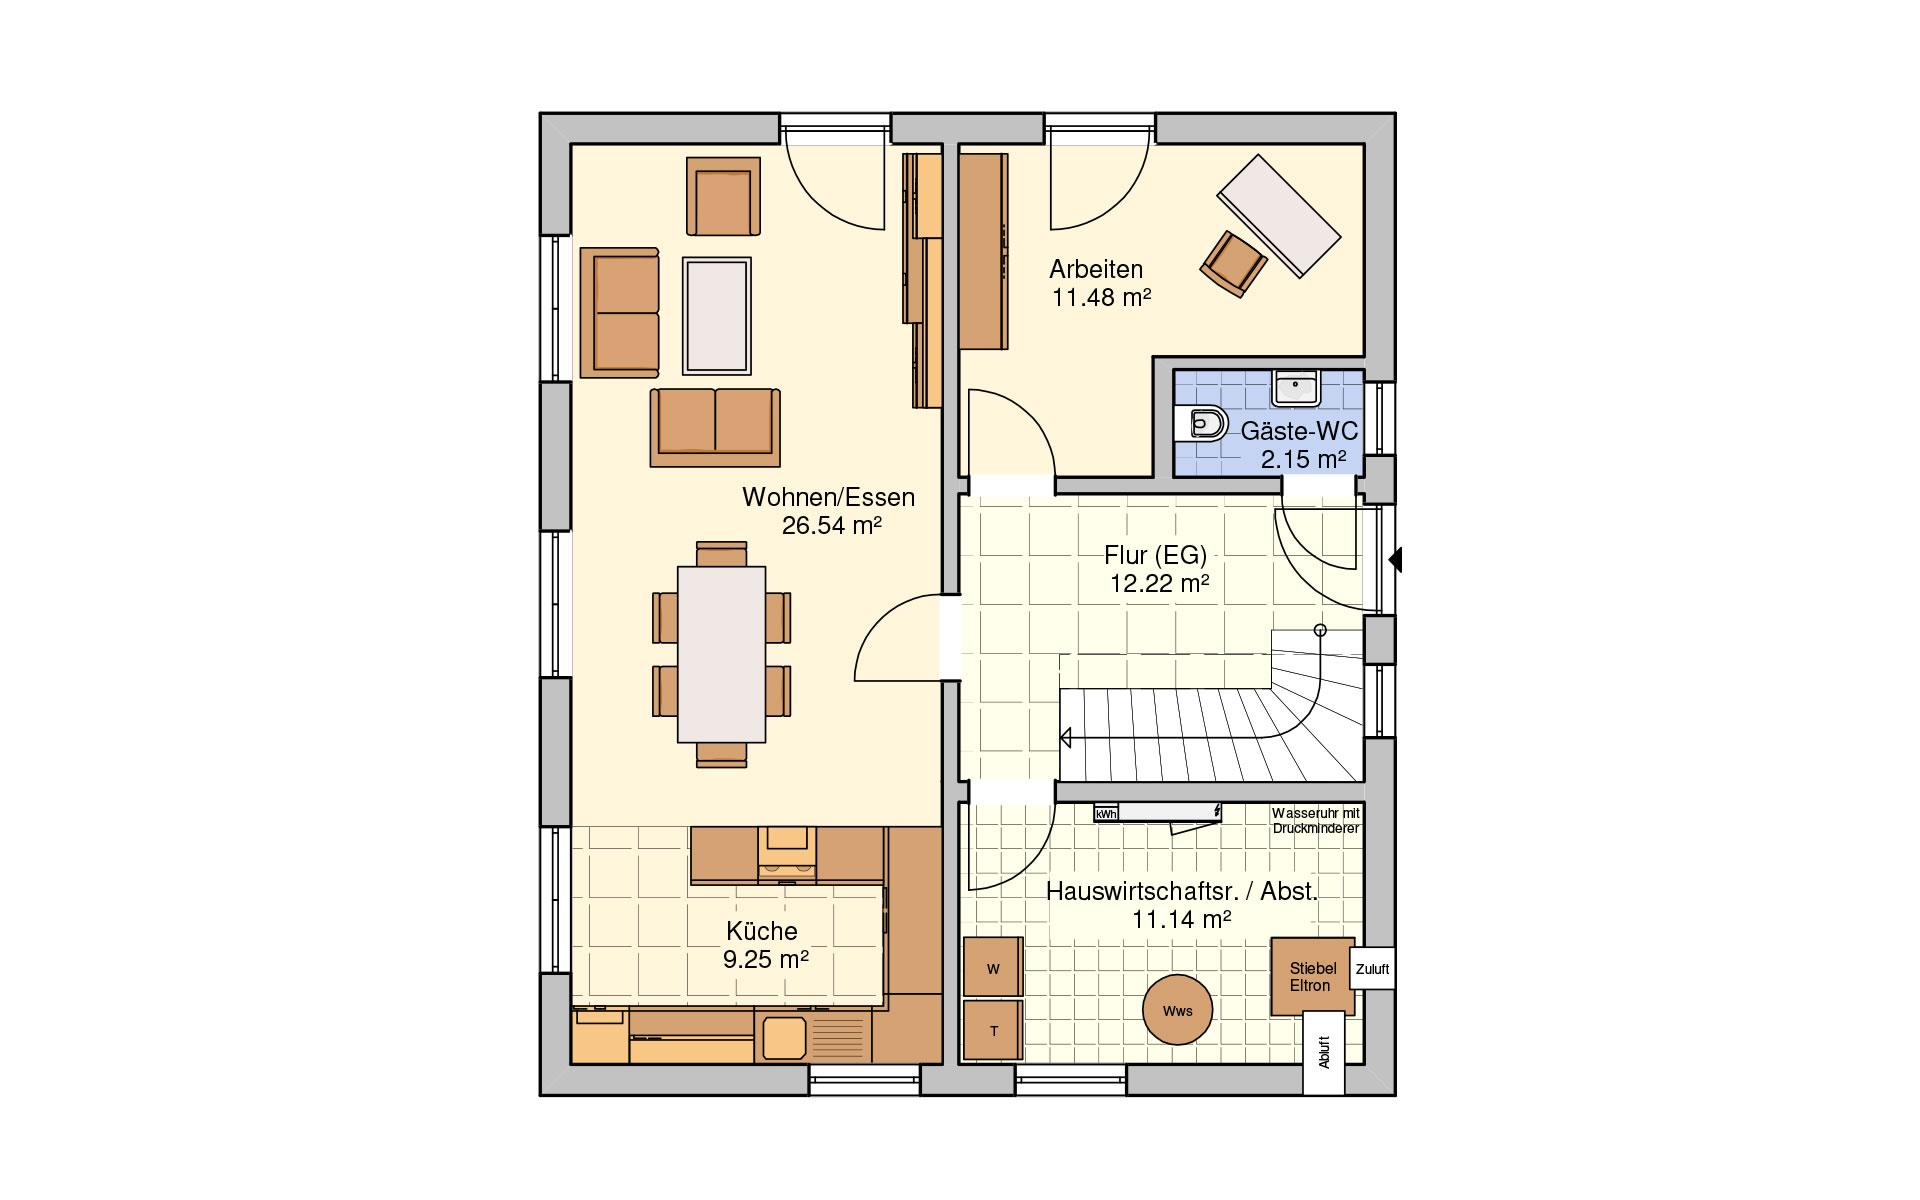 Erdgeschoss Oslo von Fingerhut Haus GmbH & Co. KG